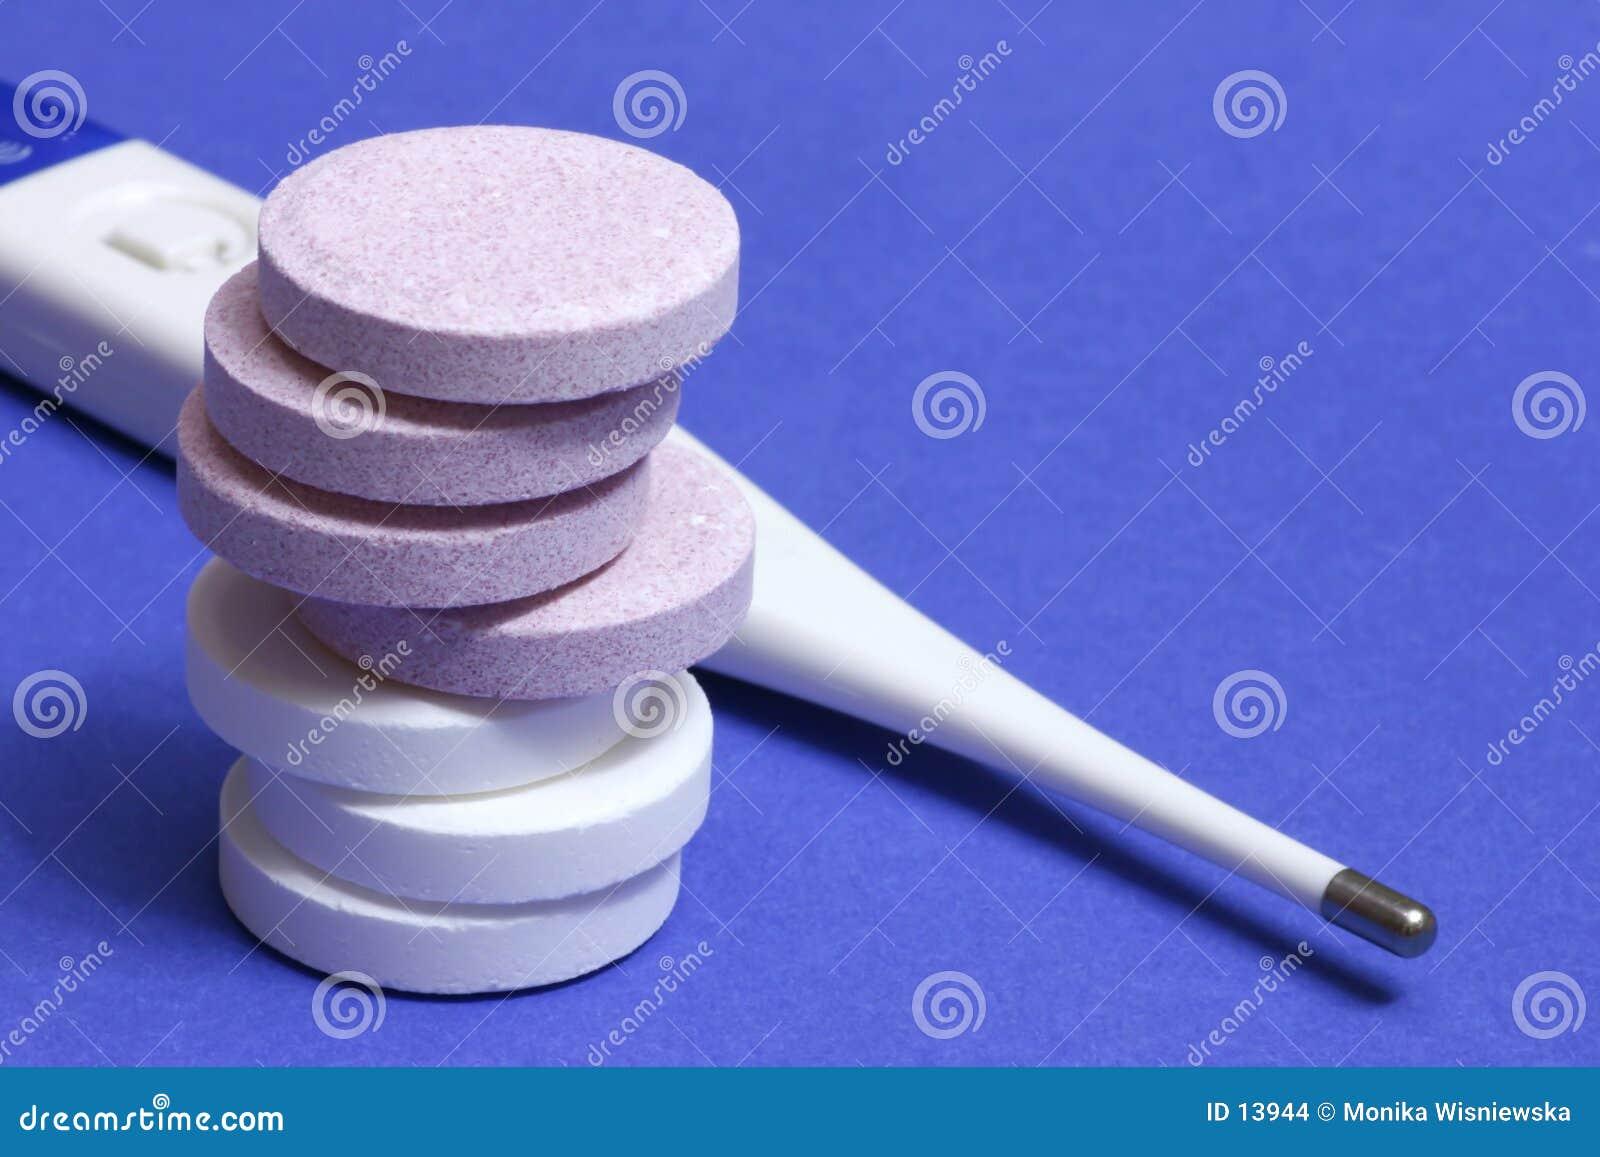 Pillstermometer